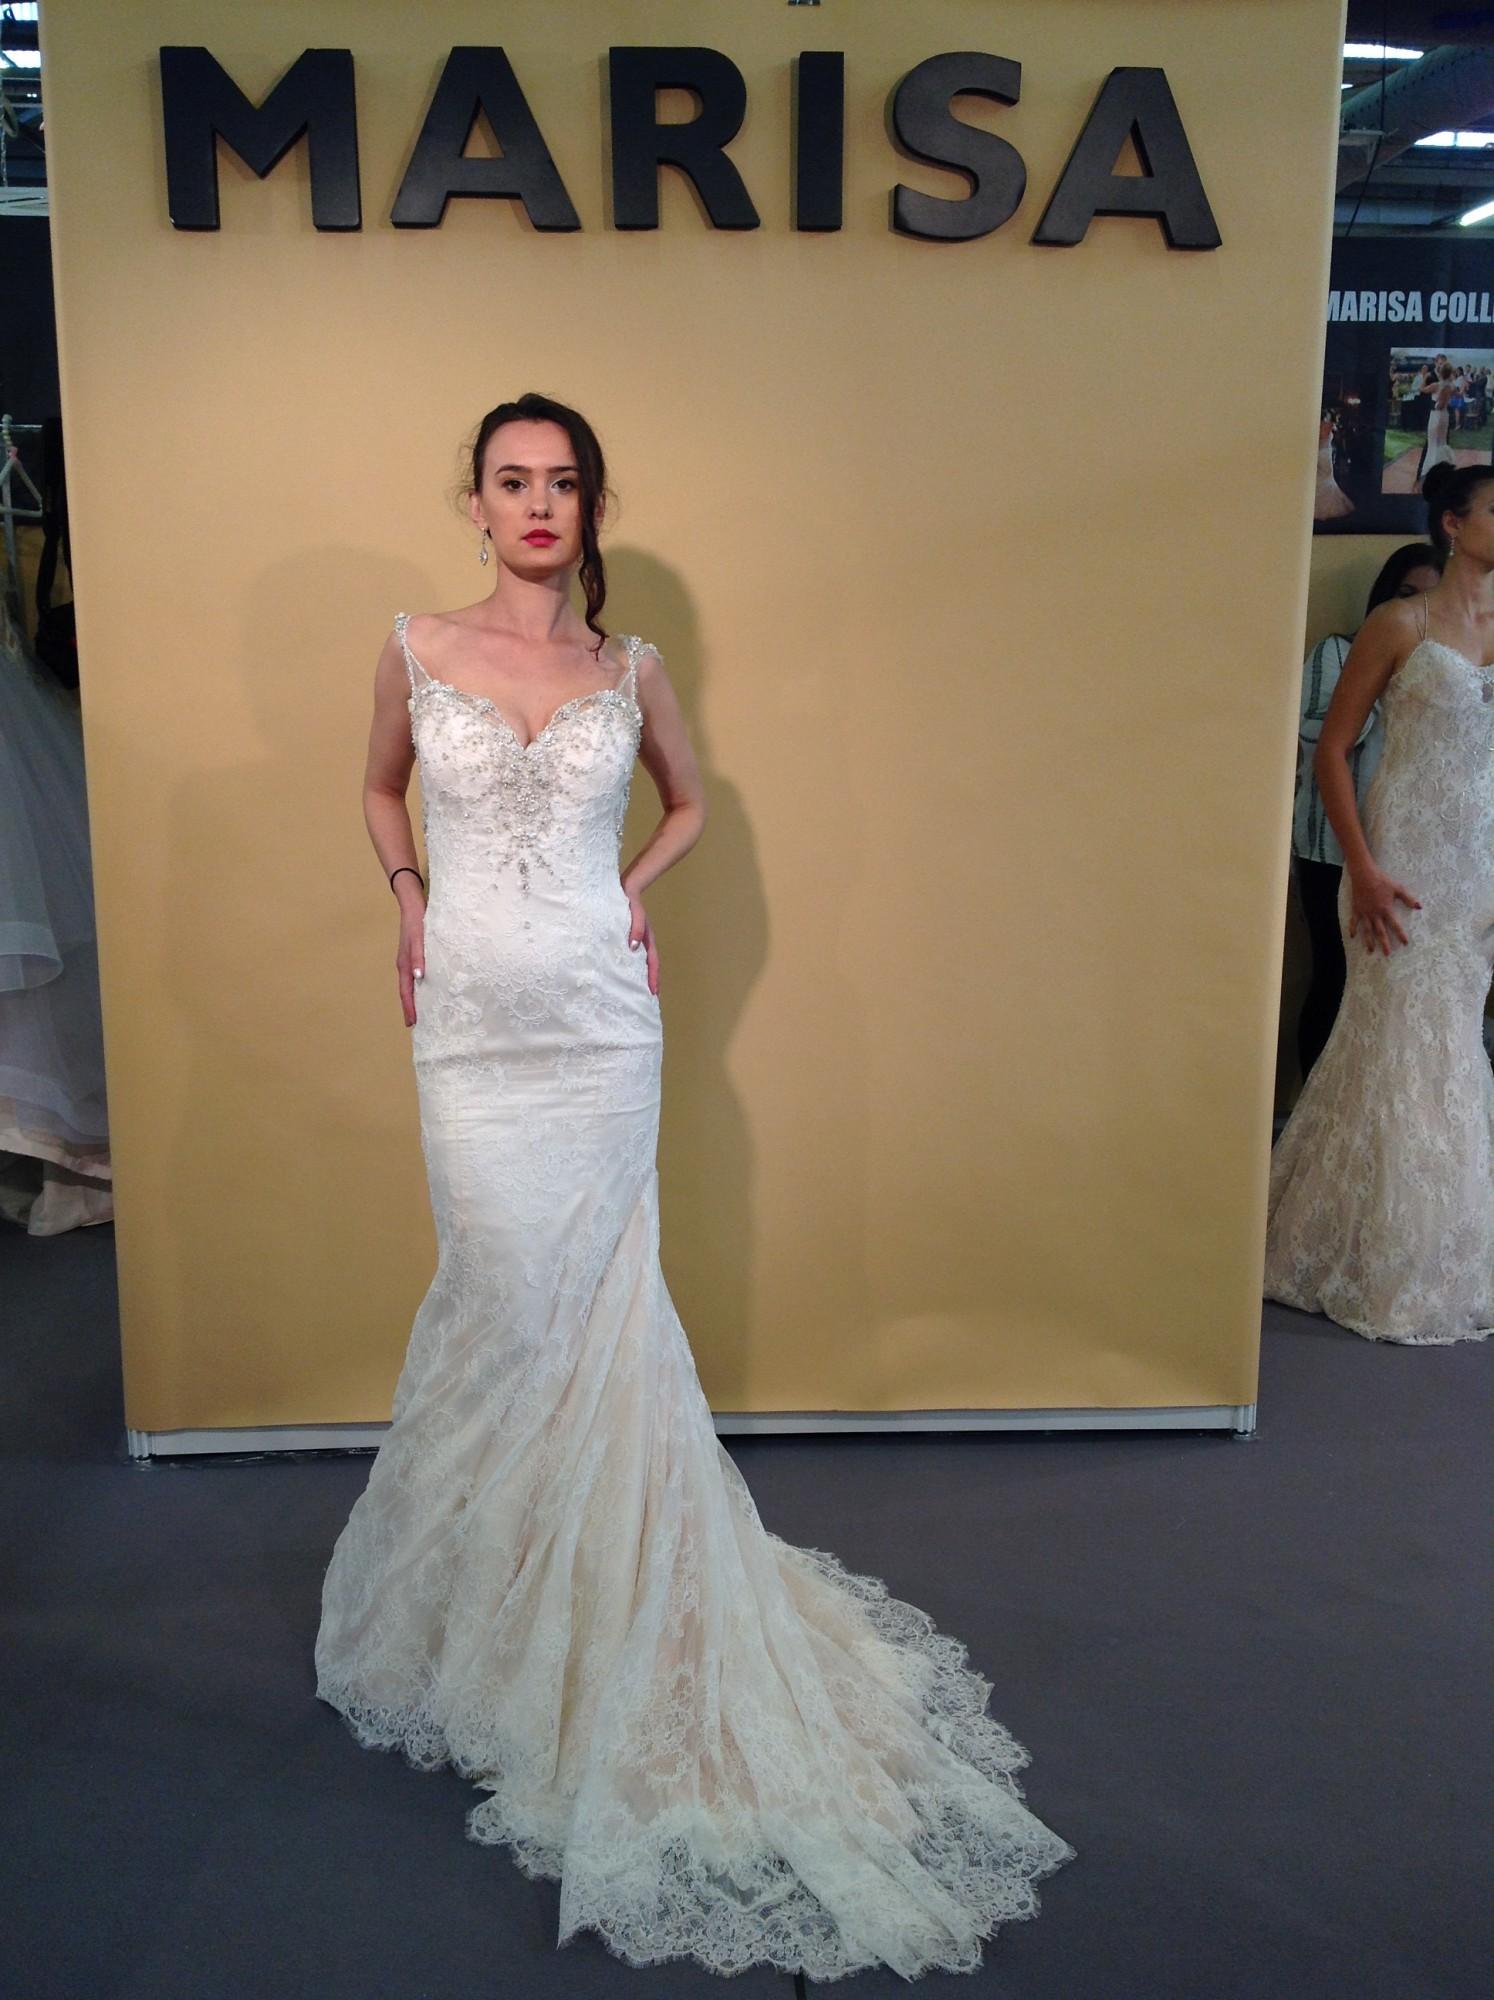 Marisa Bridals NYBFW Bridal Reflecitons Coverage